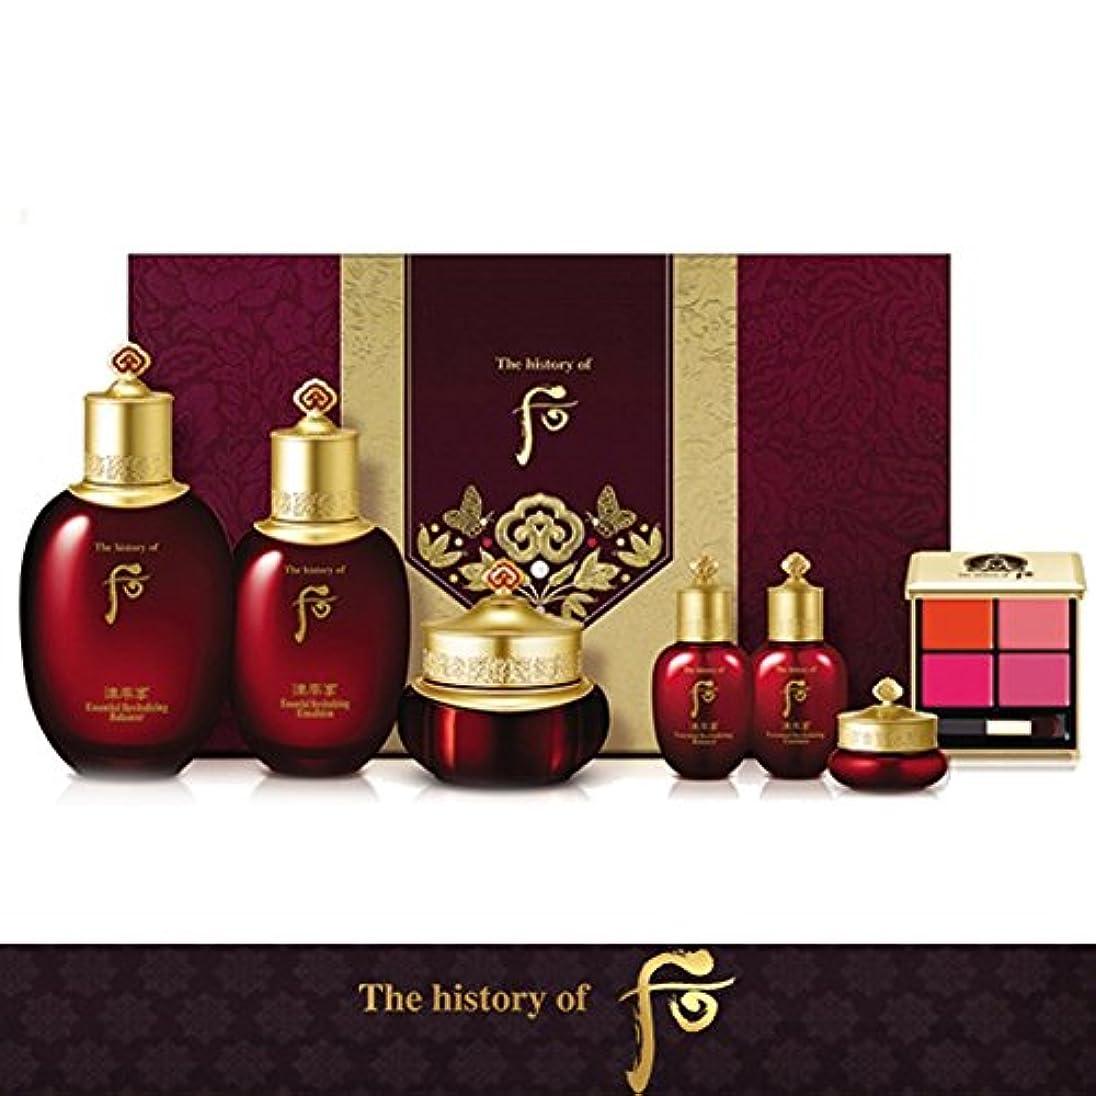 心のこもった永遠のワイヤー【フー/The history of whoo] Whoo后(フー) 津率享(ジンユルヒャン) 3種セット/JINYUL SET+[Sample Gift](海外直送品)